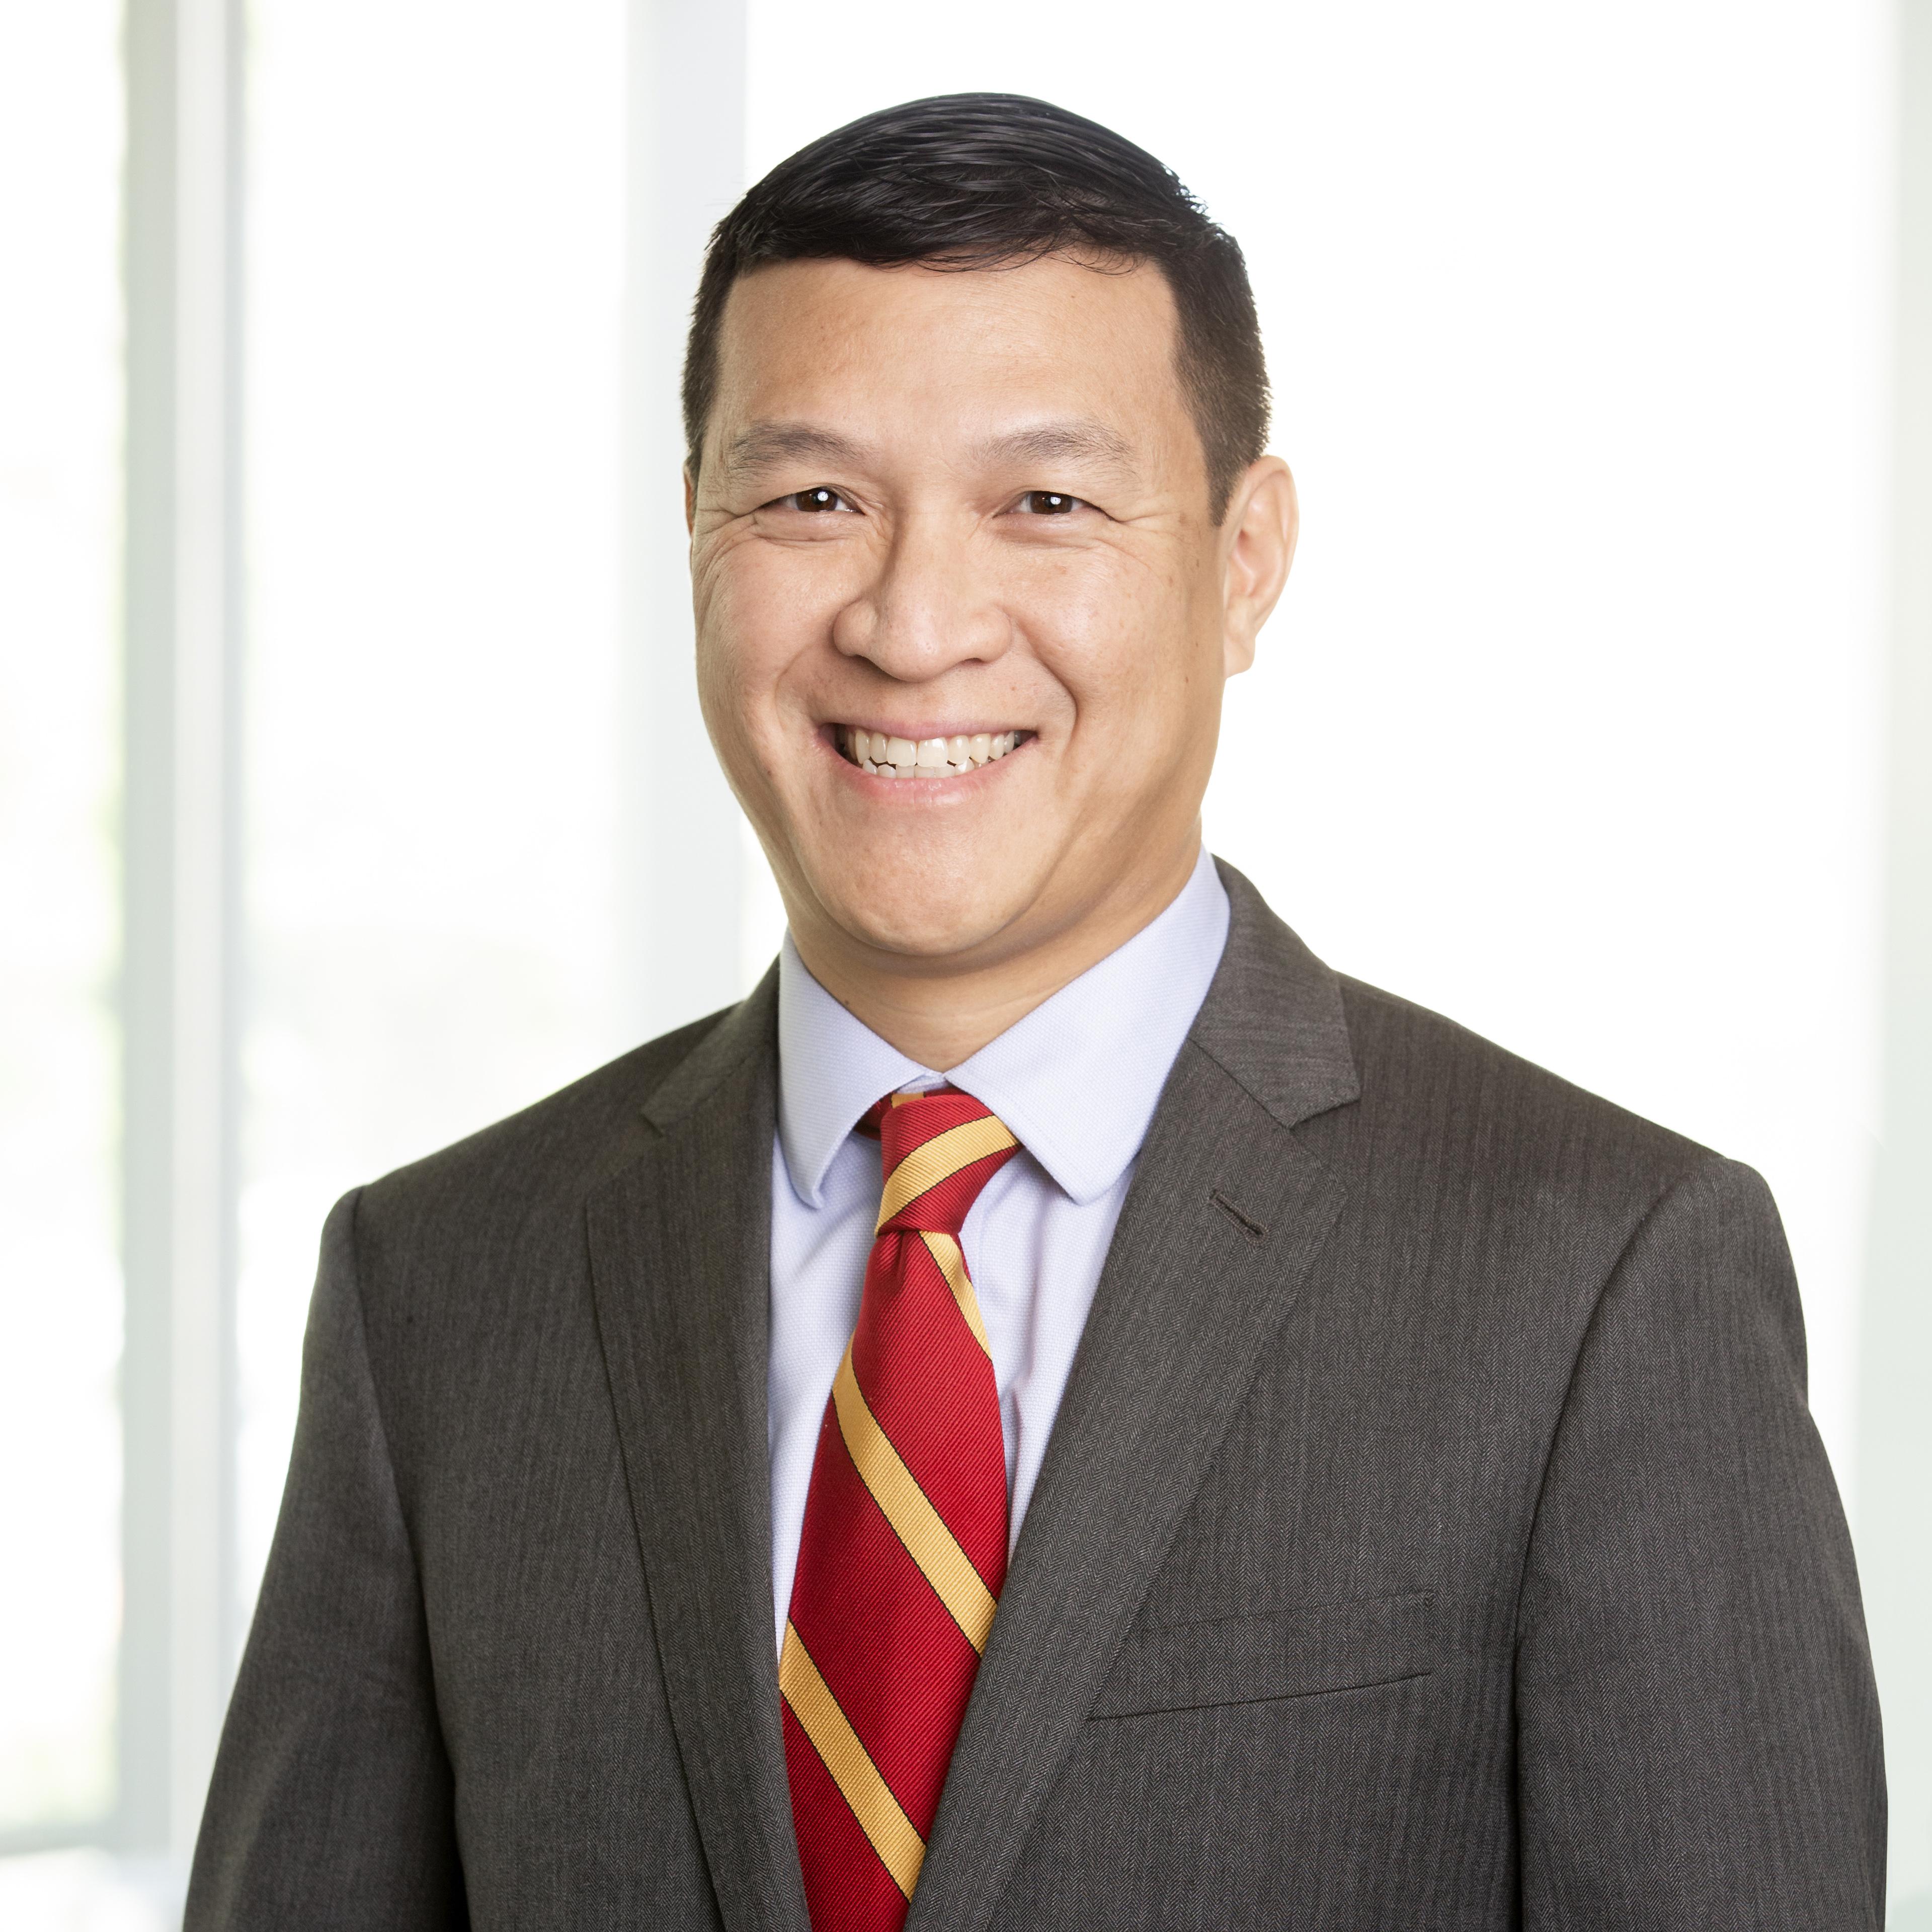 Nicholaus Yee